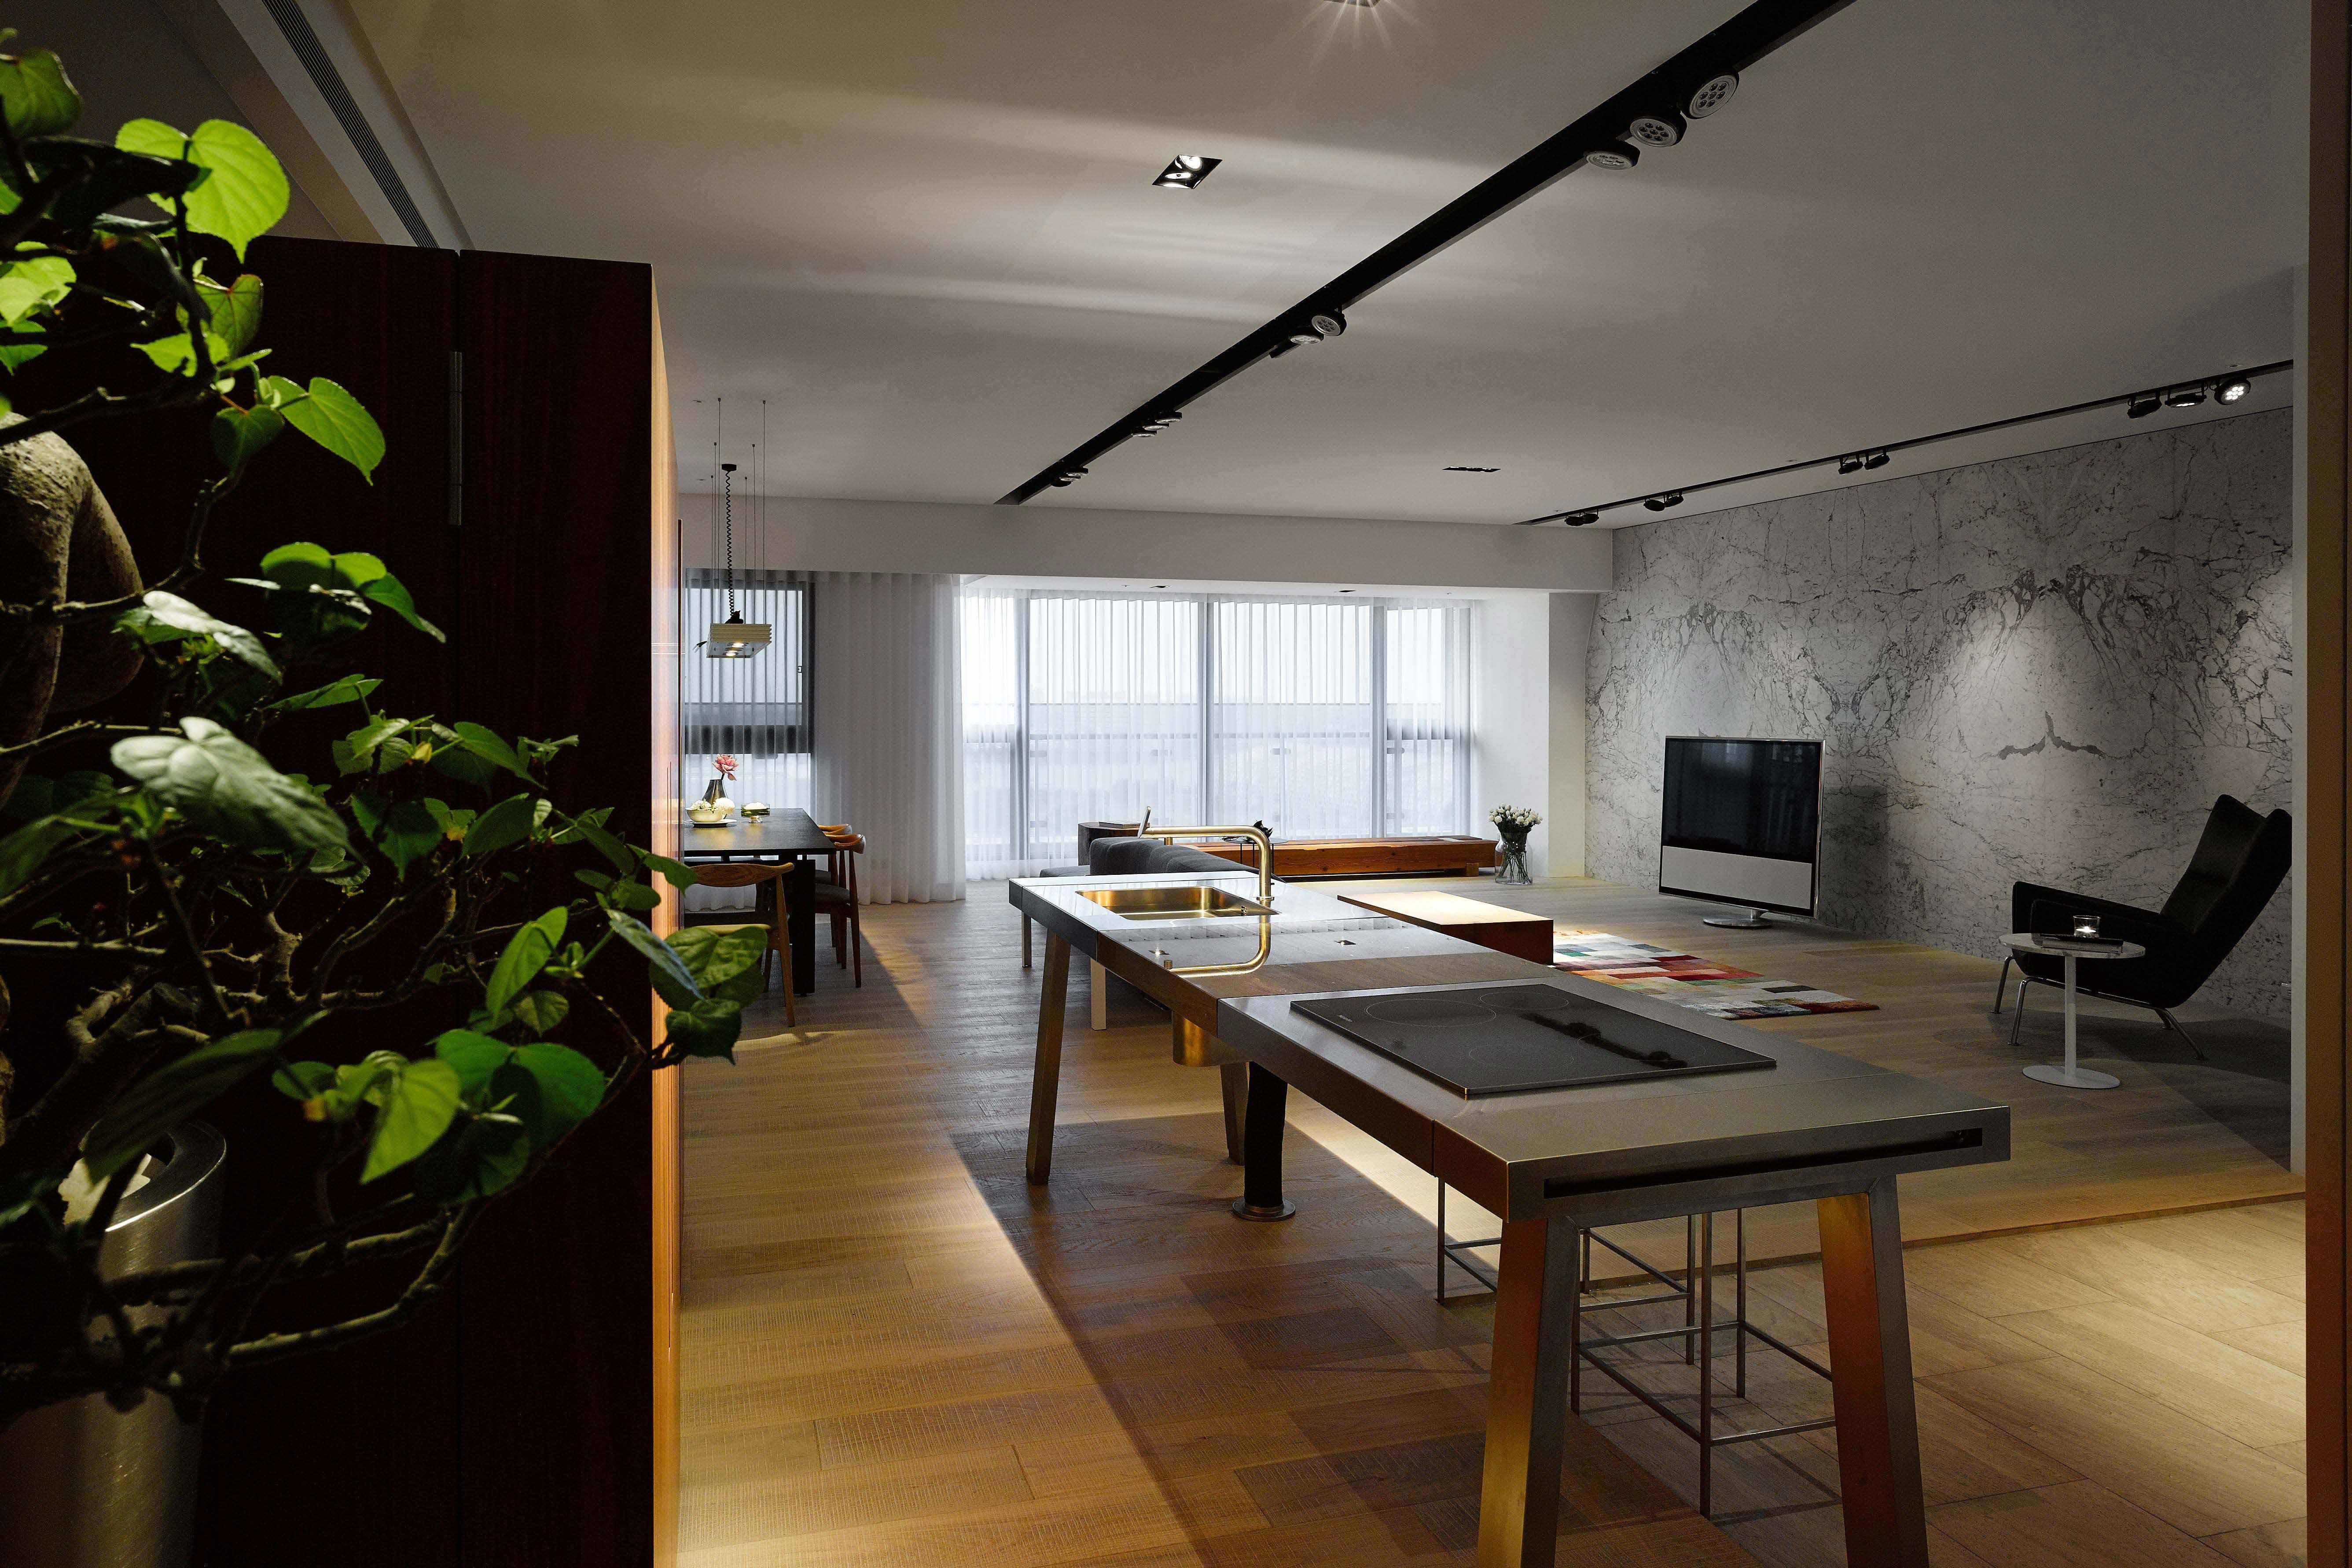 155㎡三居室设计吊顶装修效果图